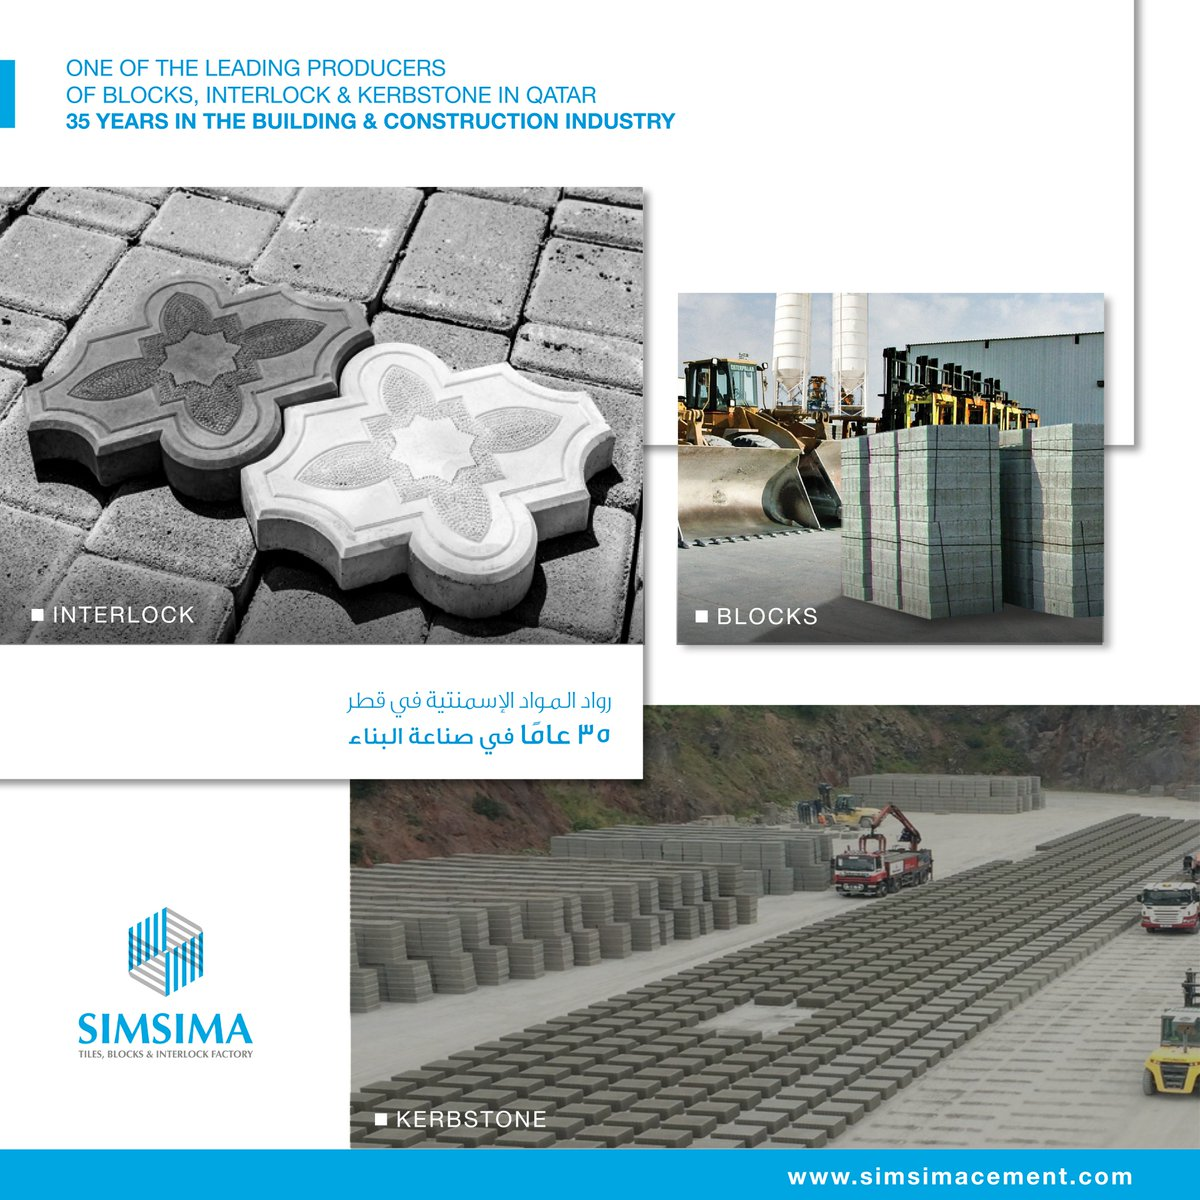 Simsima Tiles, Blocks & Interlock on Twitter: